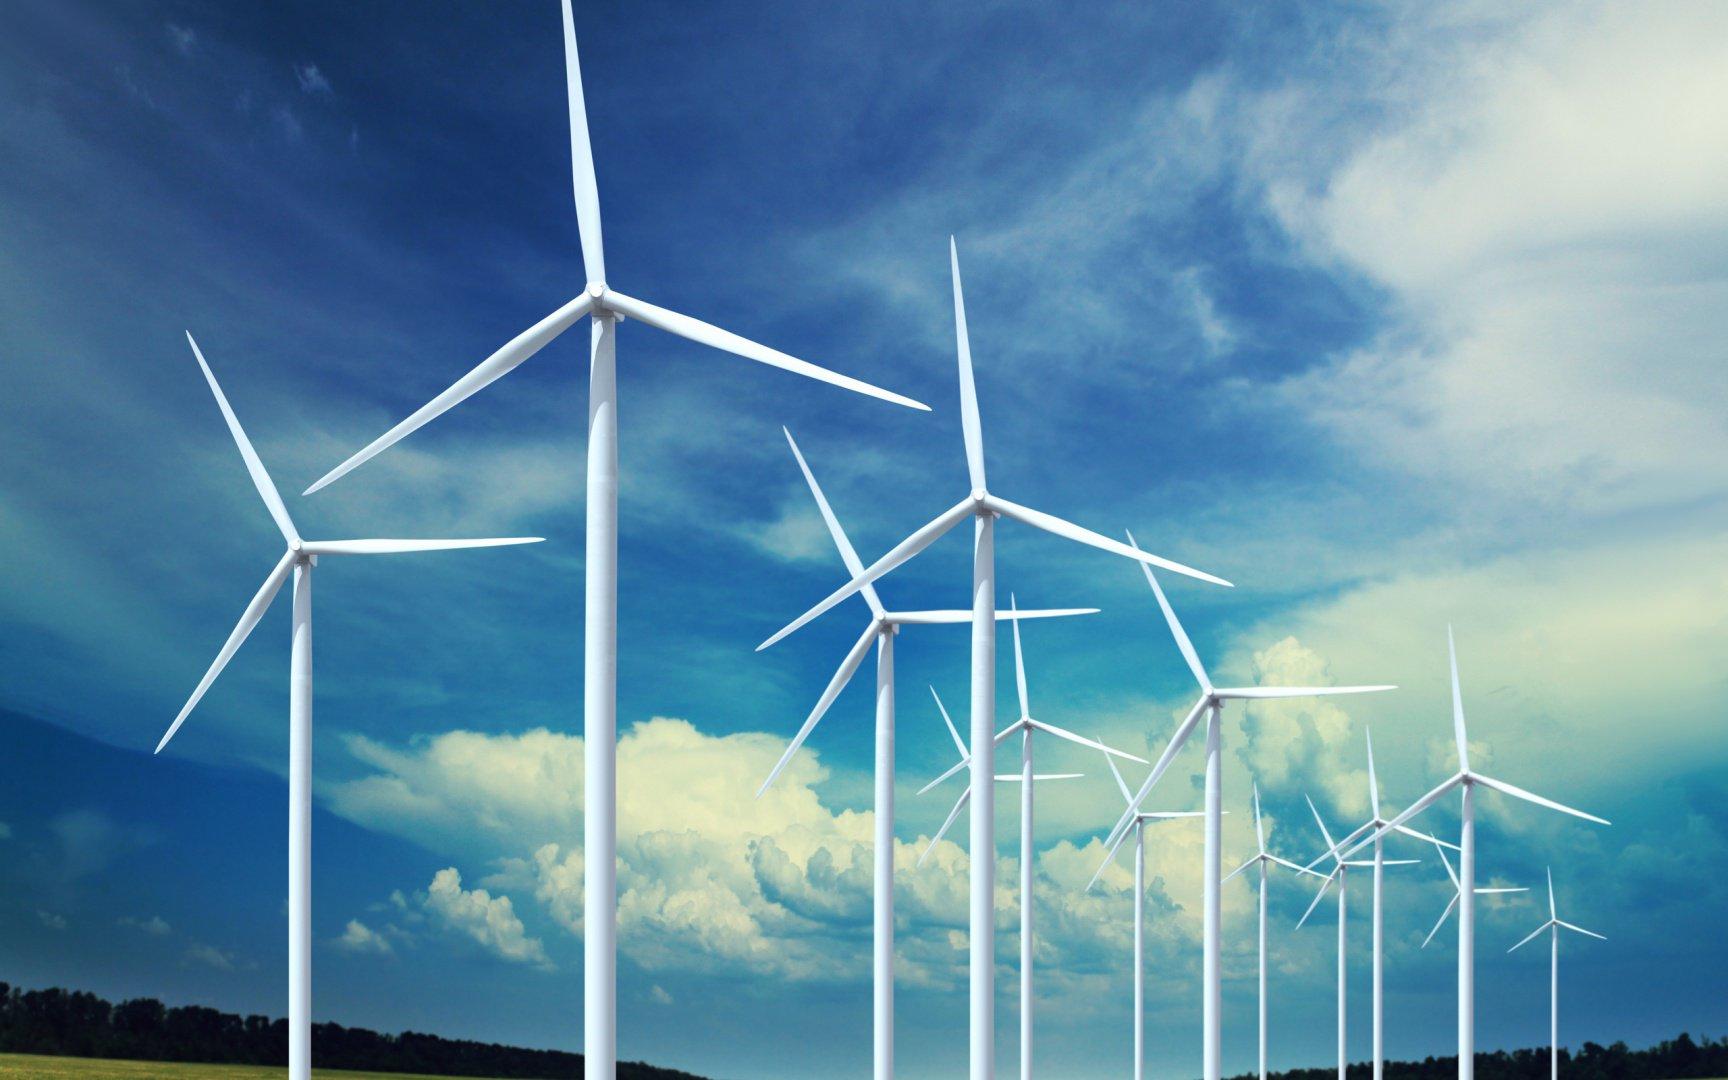 Тотальная зависимость, или почему Украине время задуматься о переходе на альтернативные источники электроэнергии?